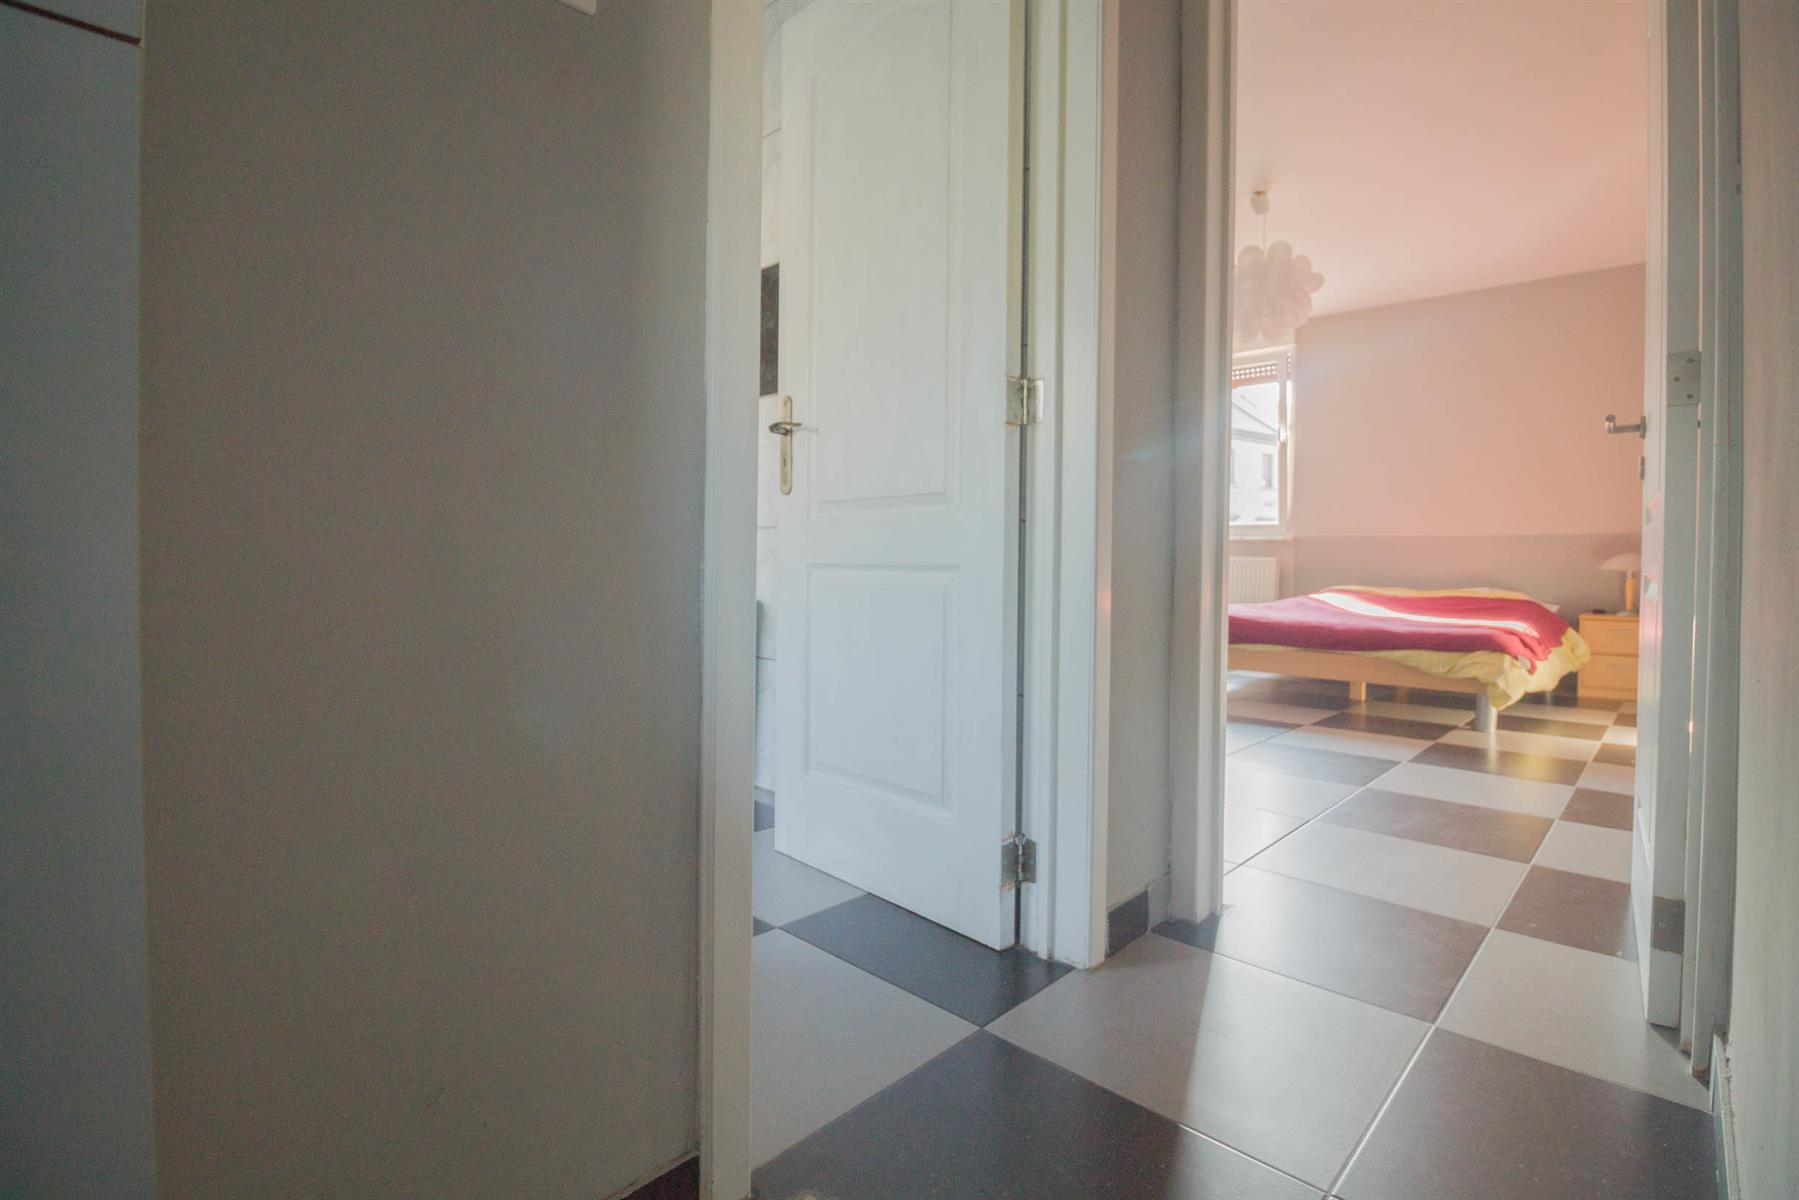 Maison - Forchies-la-Marche - #4397250-9